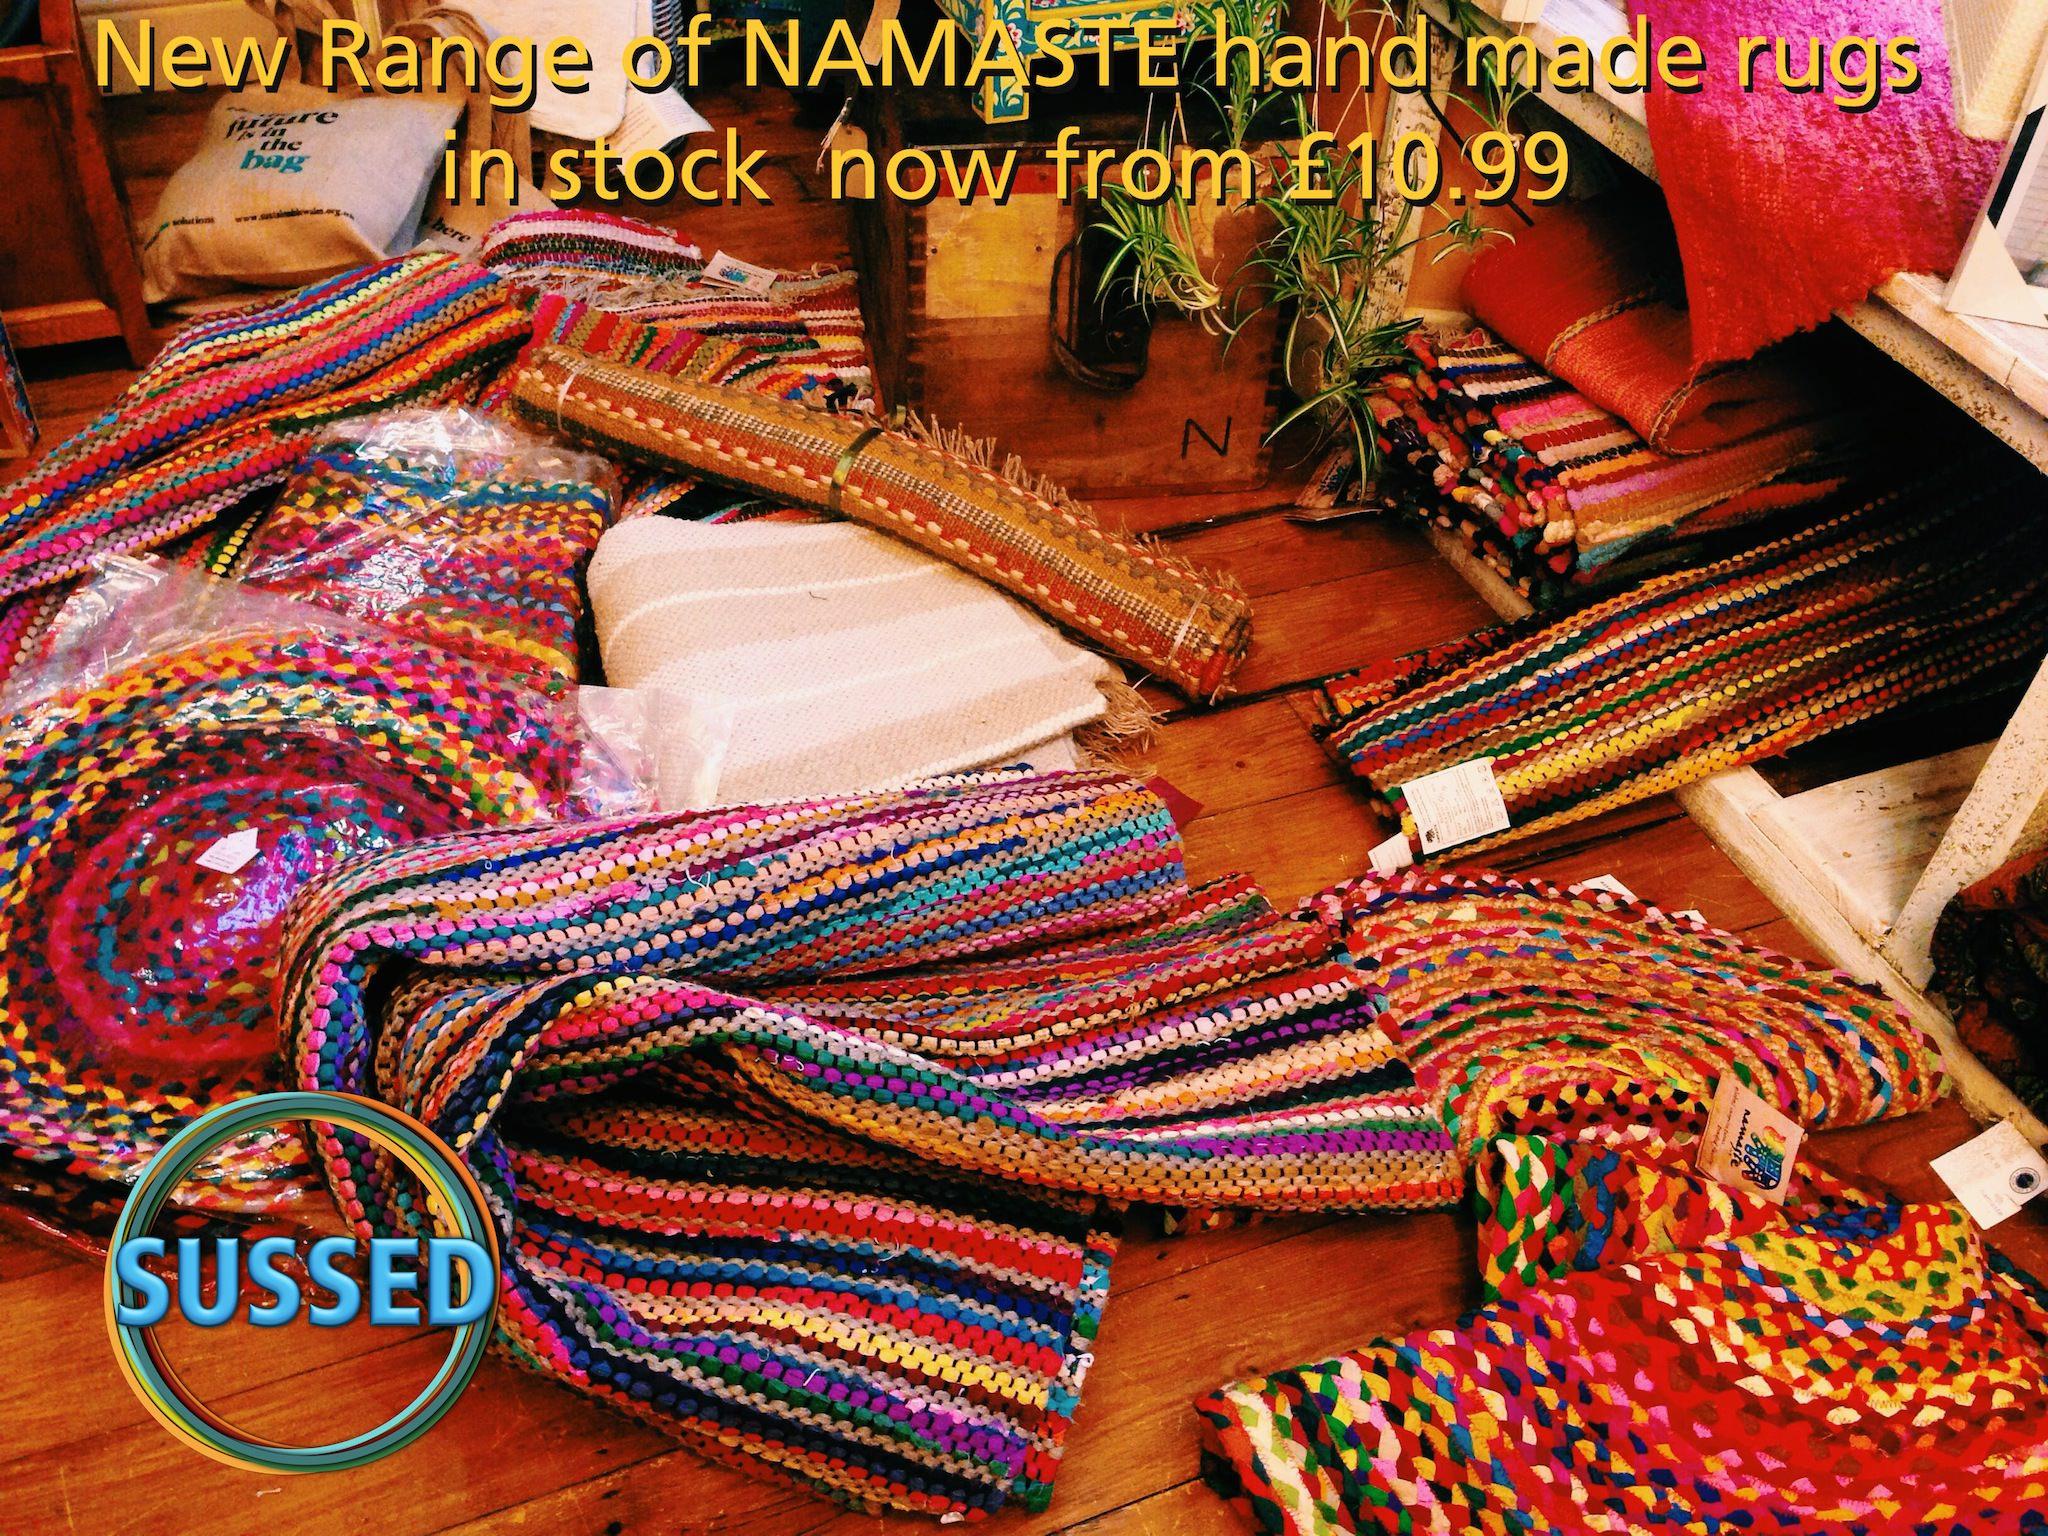 Namaste rugs1.JPG